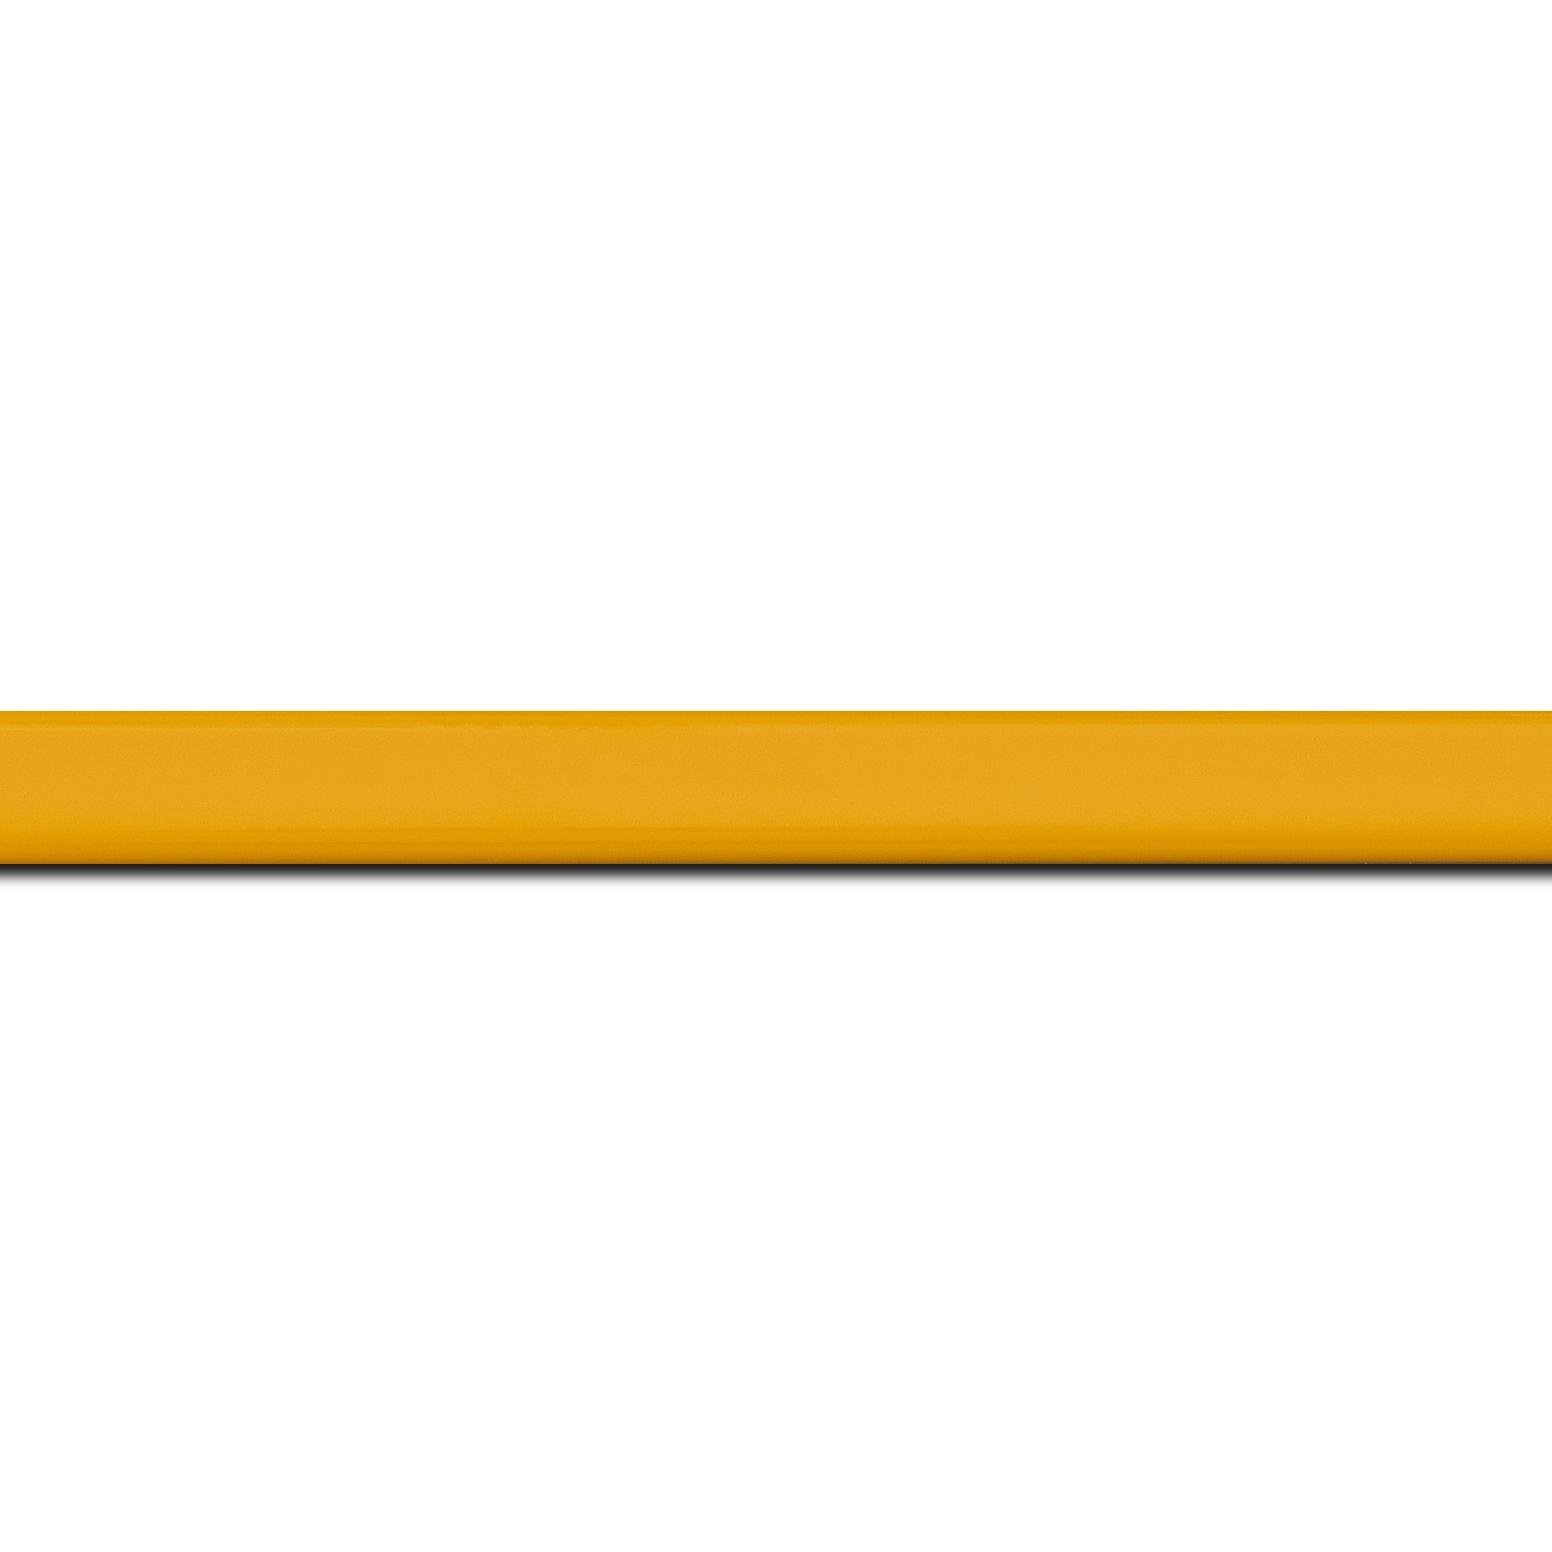 Pack par 12m, bois profil méplat largeur 1.4cm couleur jaune laqué (longueur baguette pouvant varier entre 2.40m et 3m selon arrivage des bois)